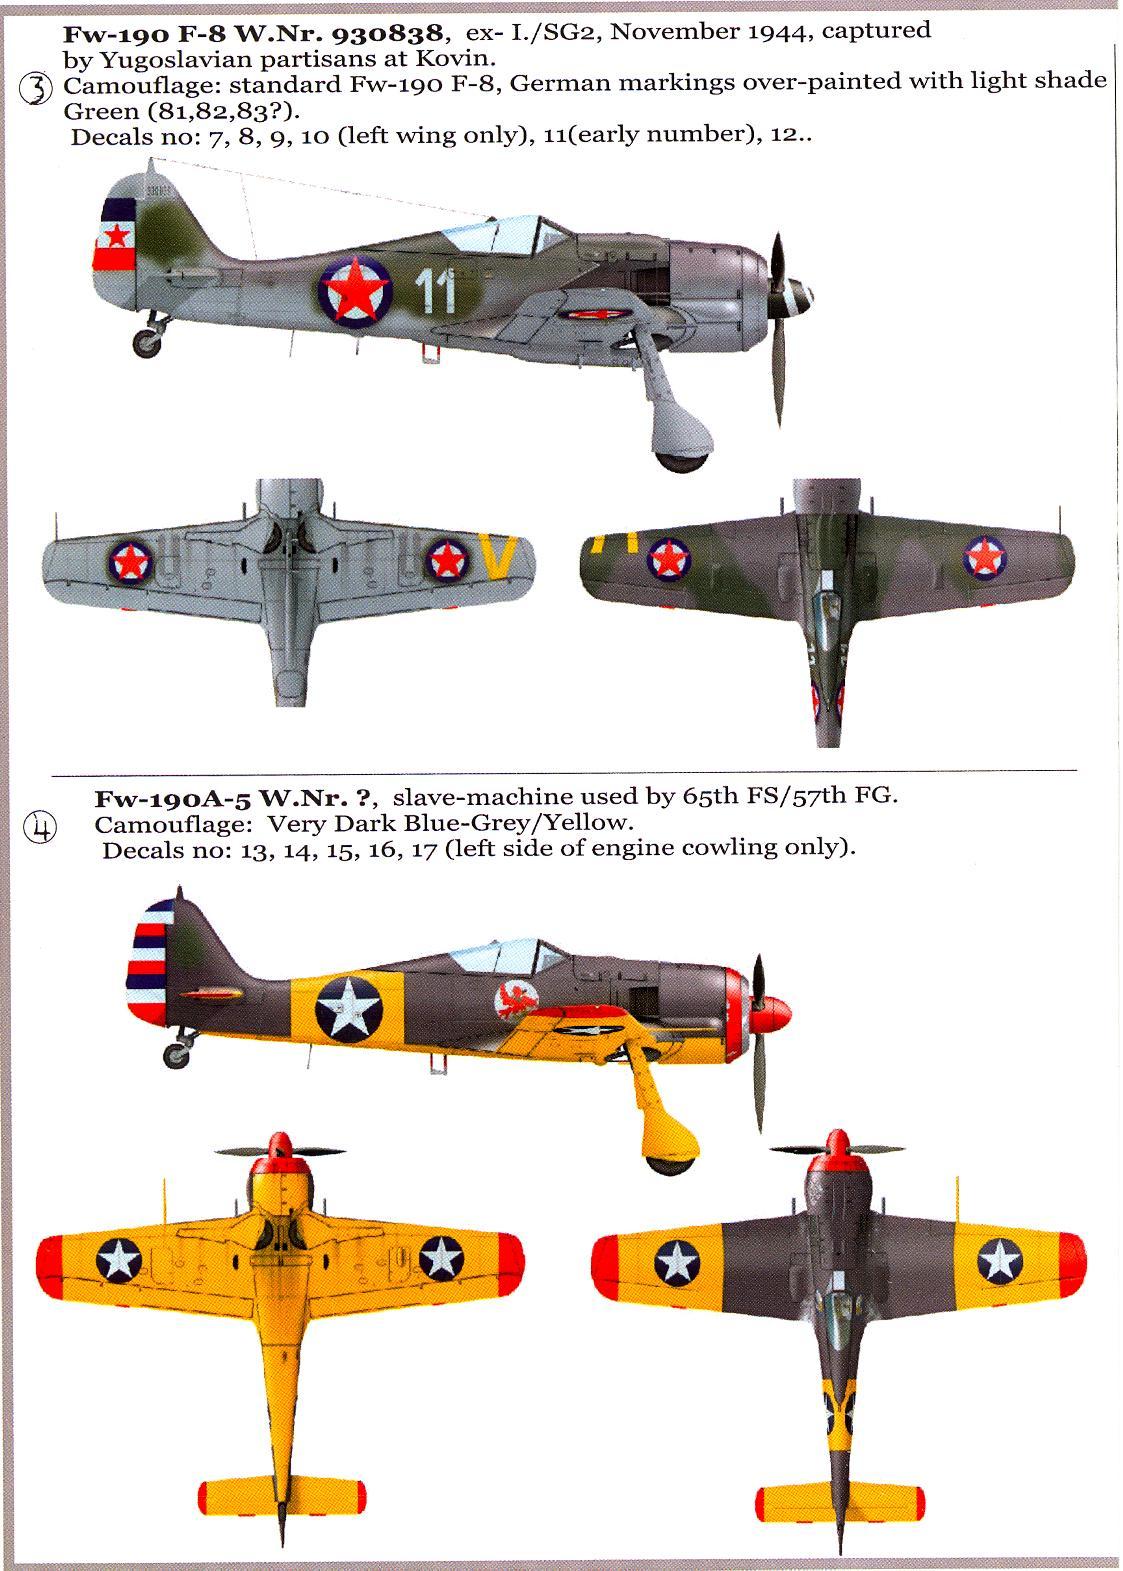 Luftwaffe 46 et autres projets de l'axe à toutes les échelles(Bf 109 G10 erla luft46). - Page 11 KARD4807D